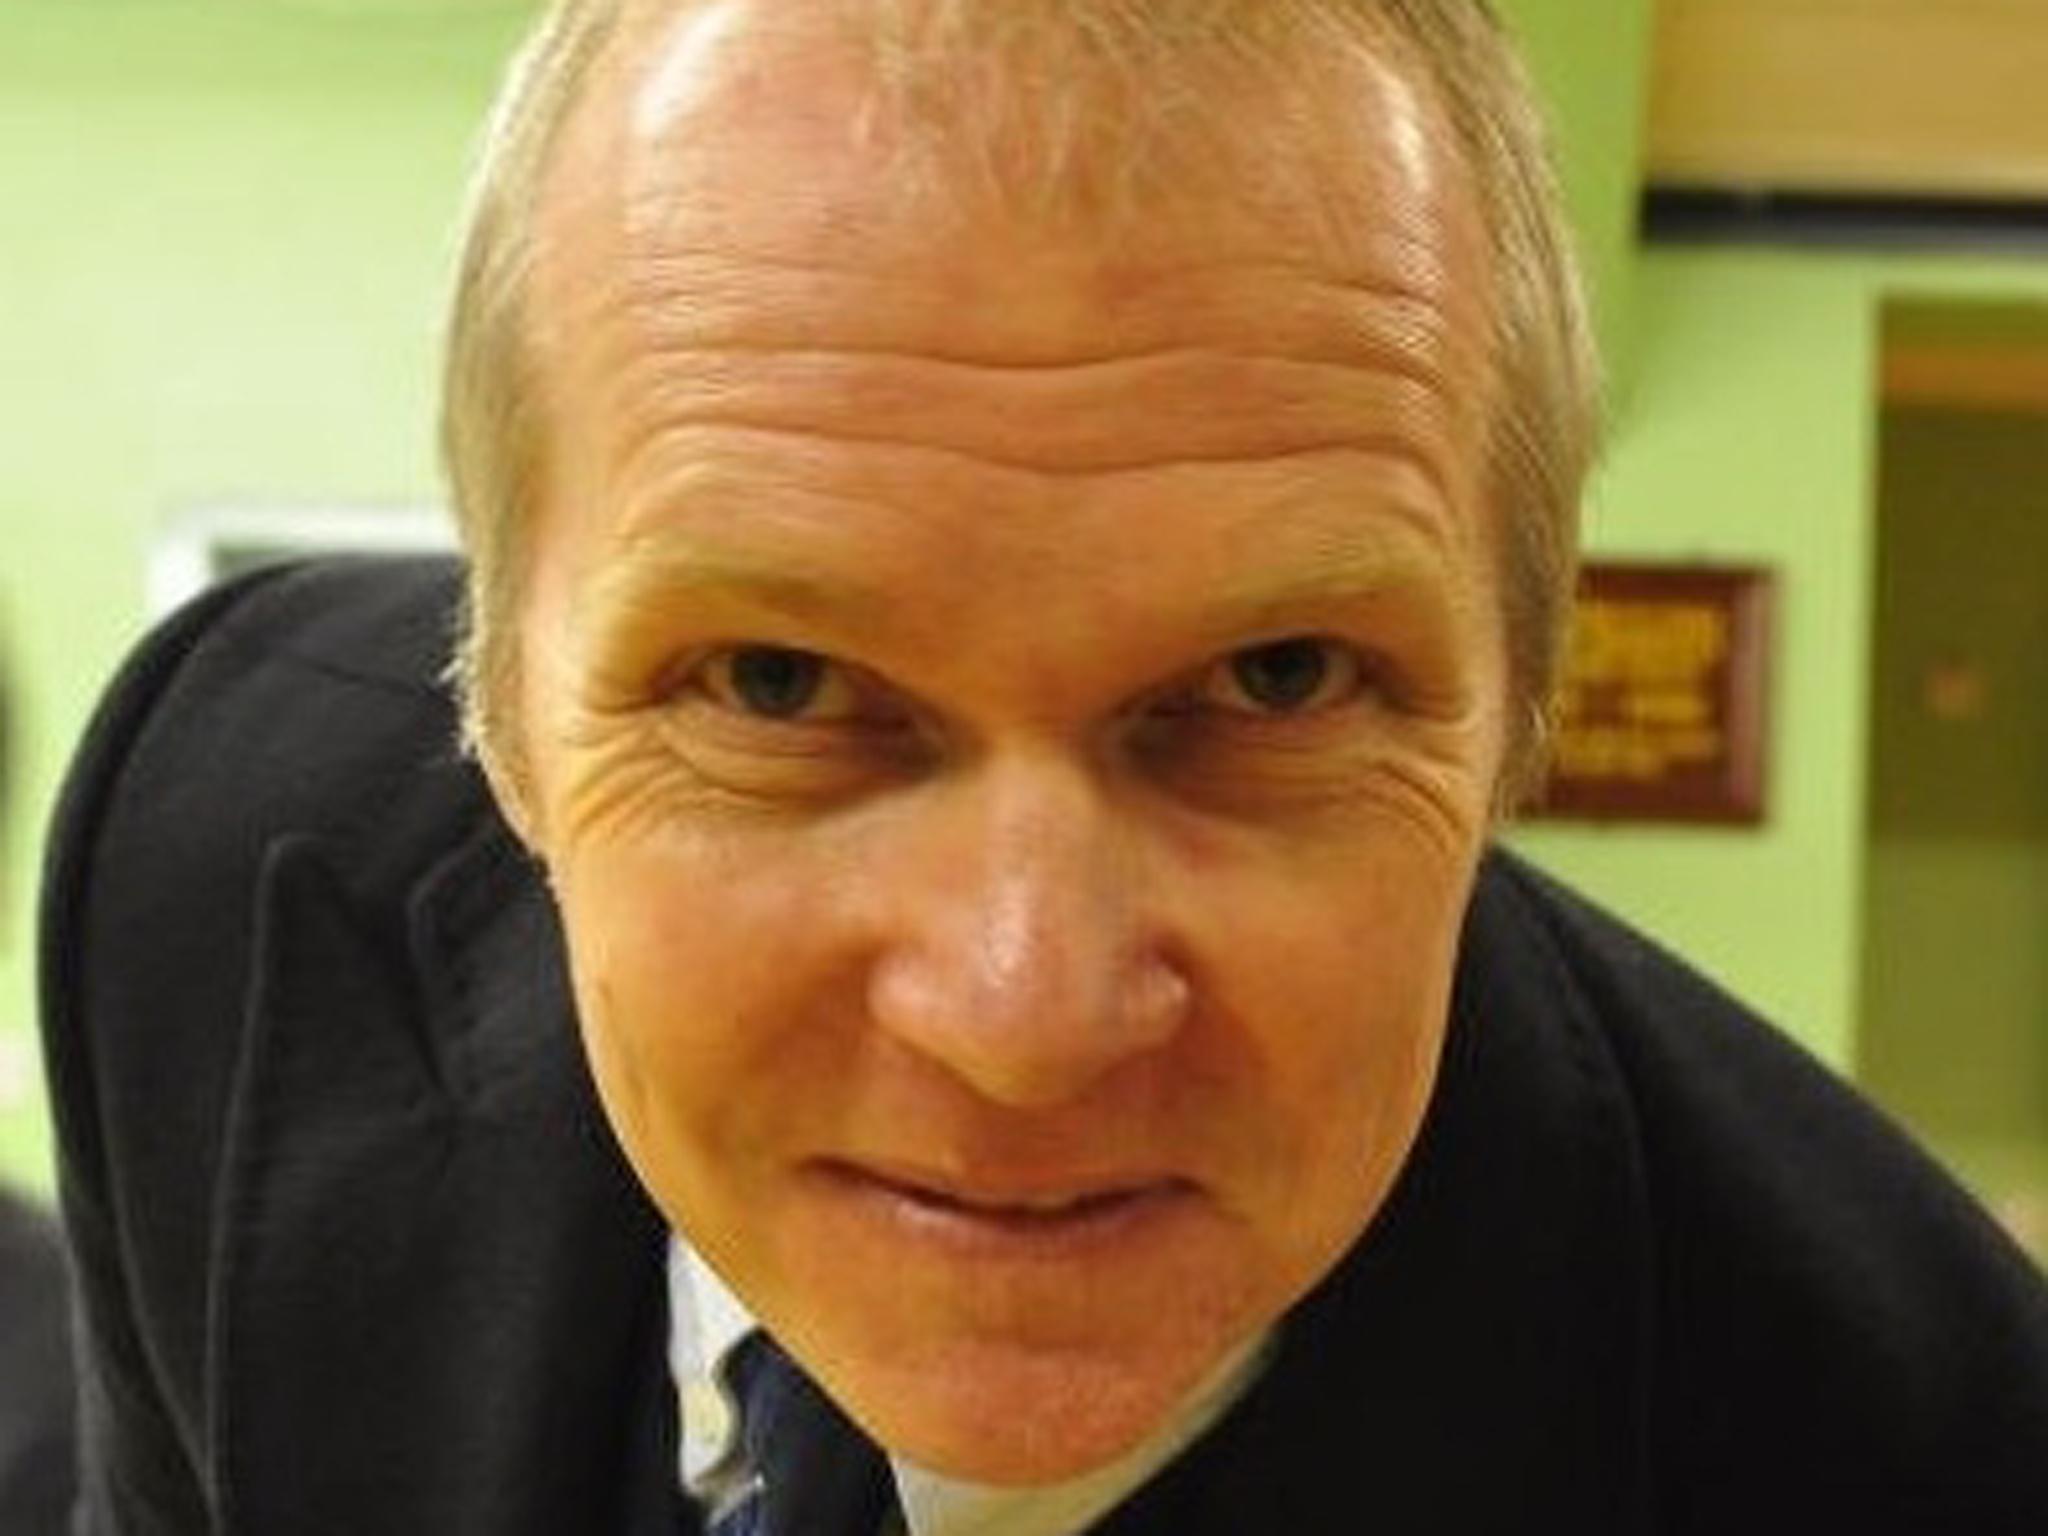 Trevor Neal